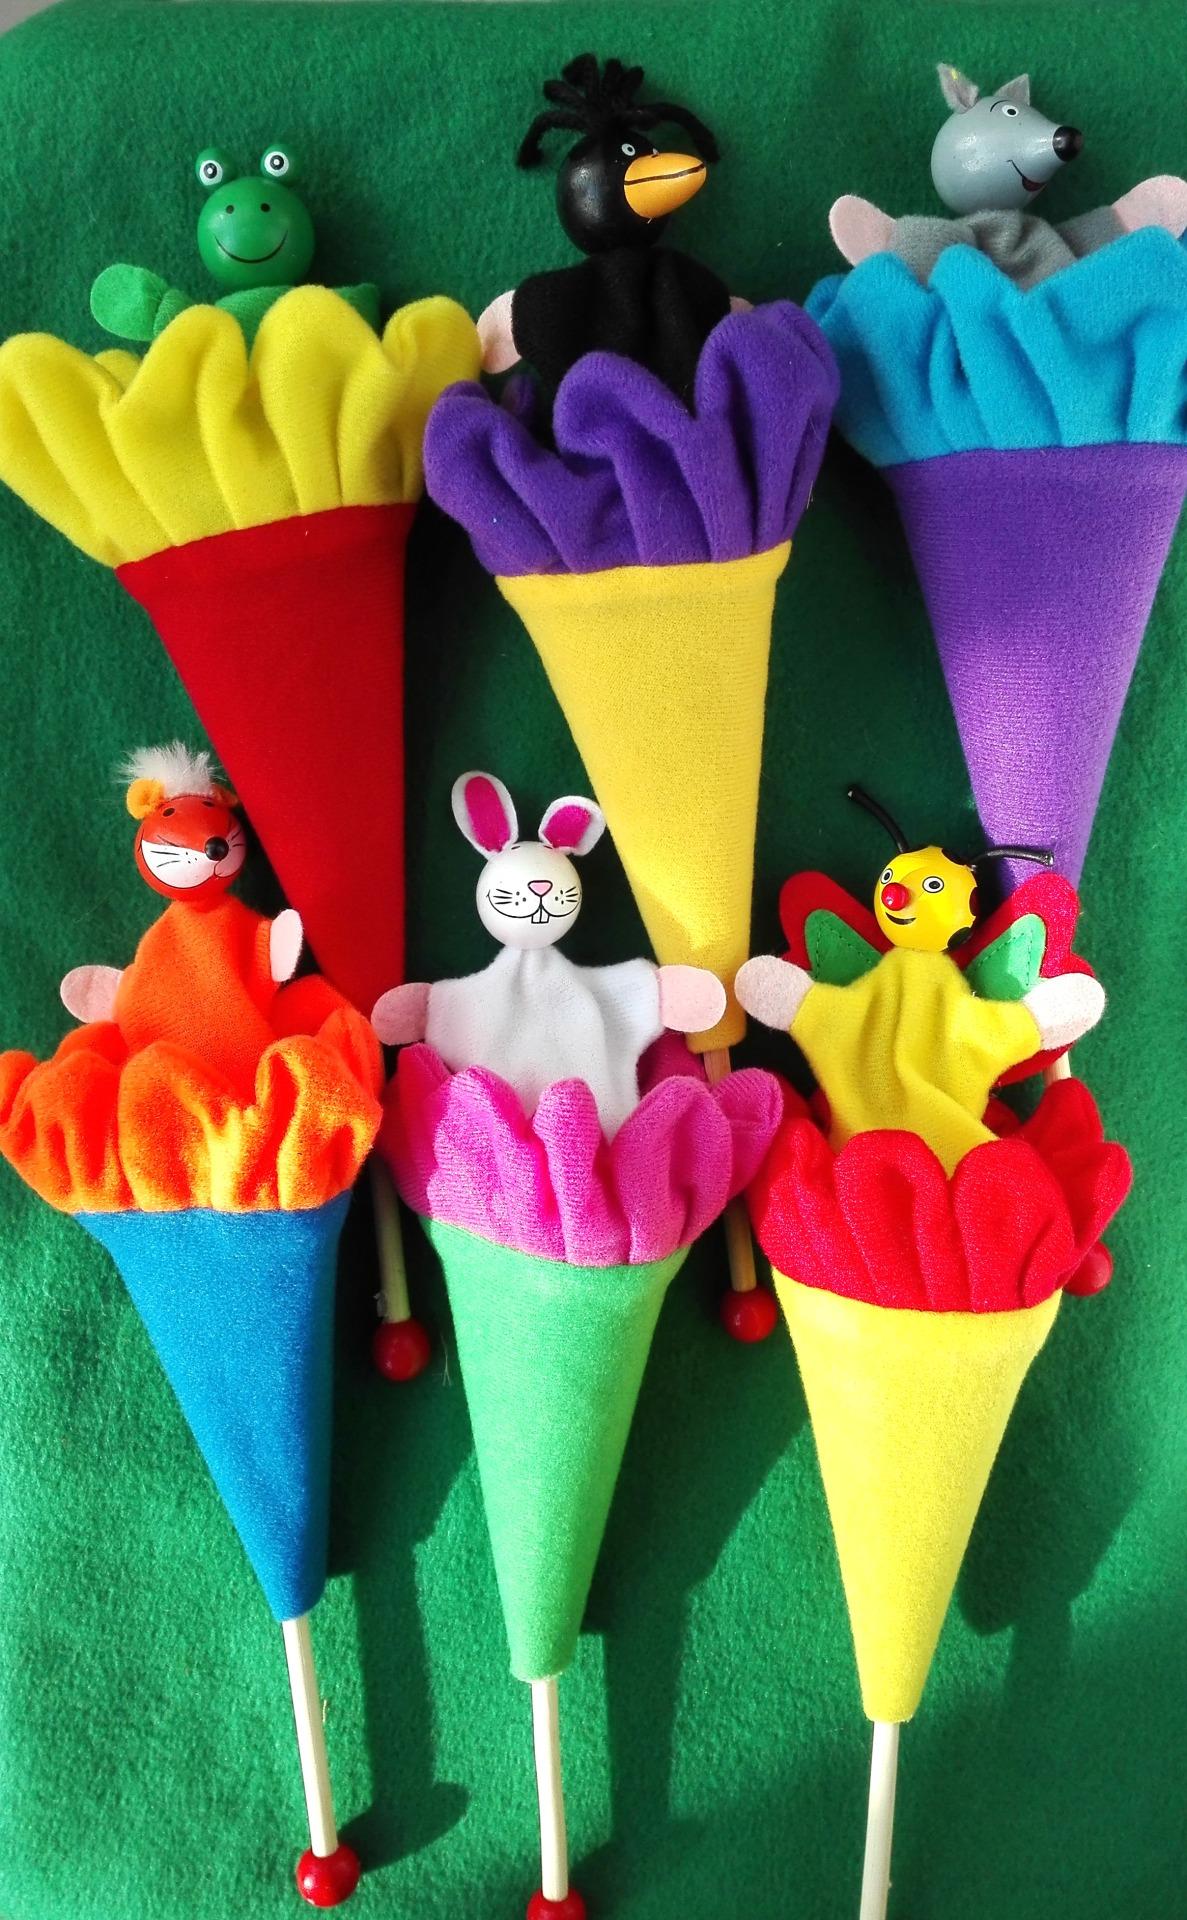 Дергунчик кукла - прятка дергать за палочку высовывается зверушка забава для маленьких детей